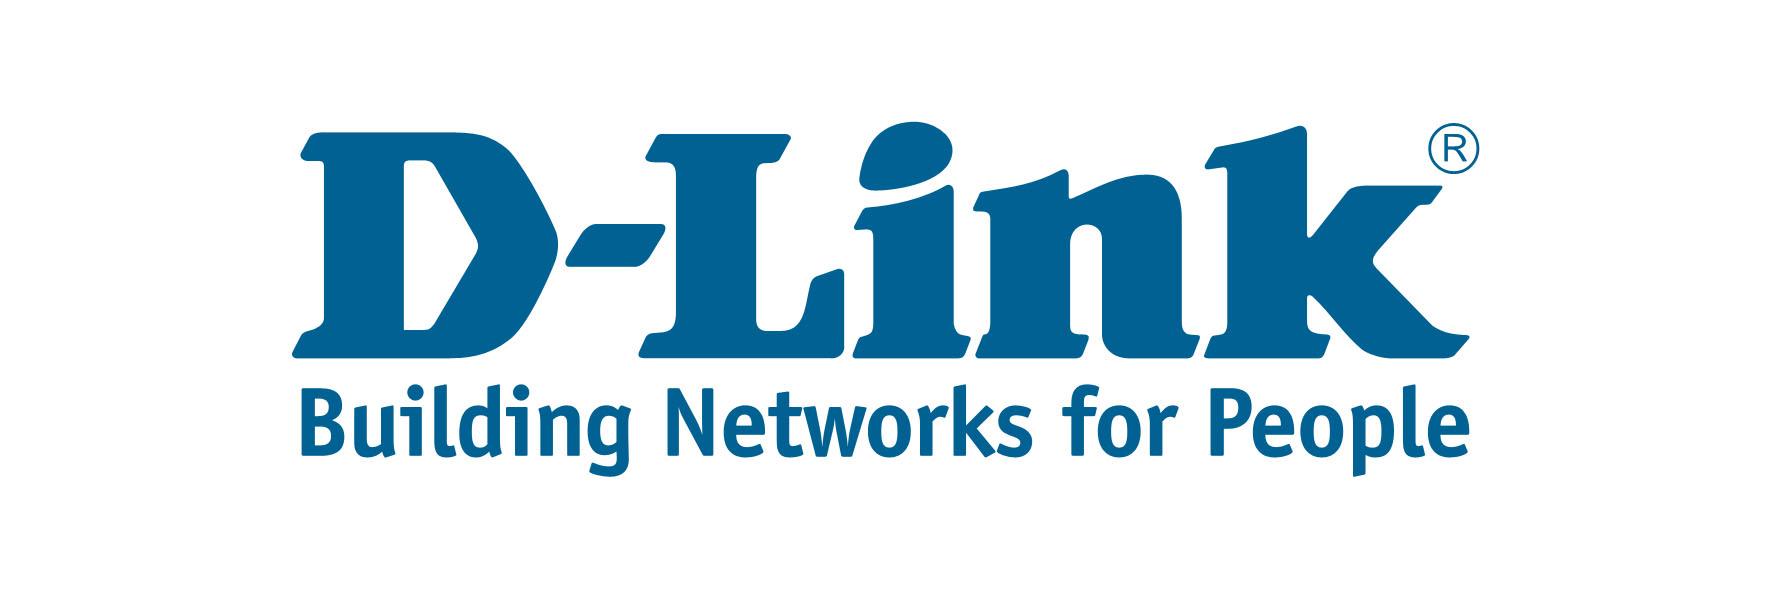 دی لینک - Dlink در سال 1986 در تایپه با نام داتکس سیستم تاسیس گردید و در سال 1994 نامش بهدی لینک - Dlink تغییر کرد . این شرکت با هدف تولید تجهیزات شبکه شروع به فعالیت نمود که امروزه شاهد مصرف بسیار زیاد تجهیزاتدی لینک - Dlink در ایران و کشورهای دیگر هستیم .